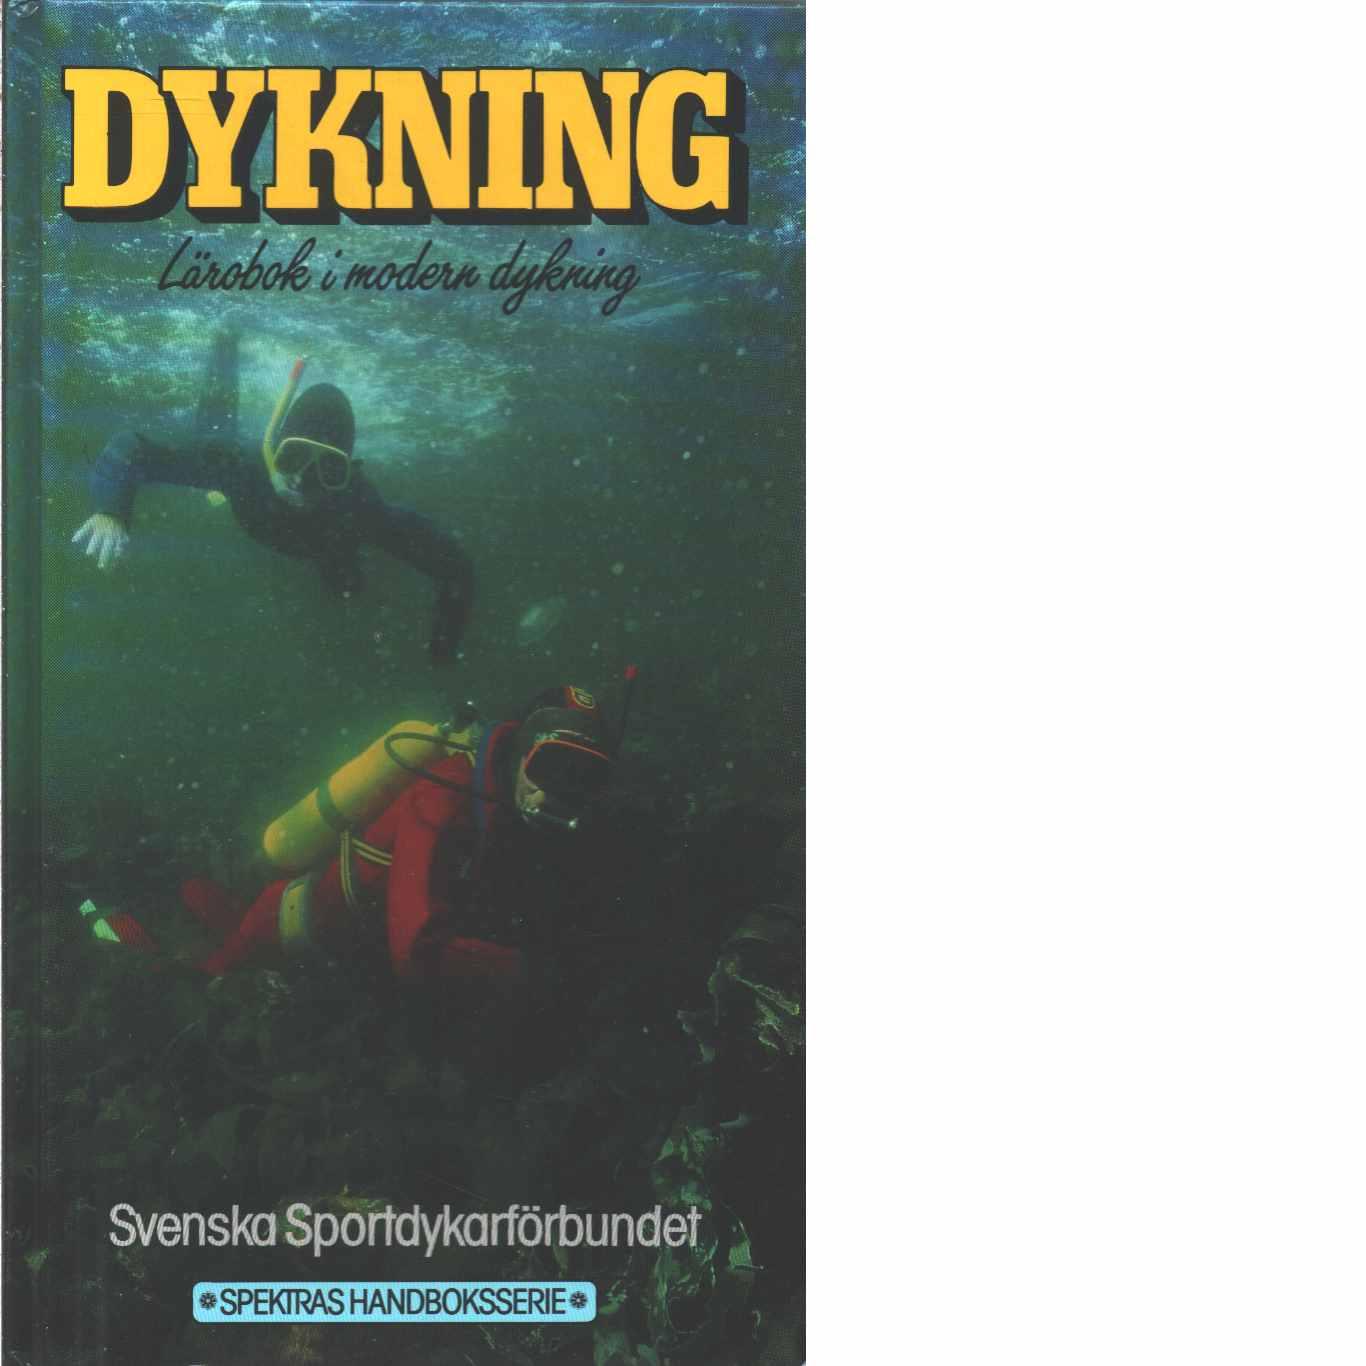 Dykning : lärobok i modern dykning - Red. Jangvik, Tomas